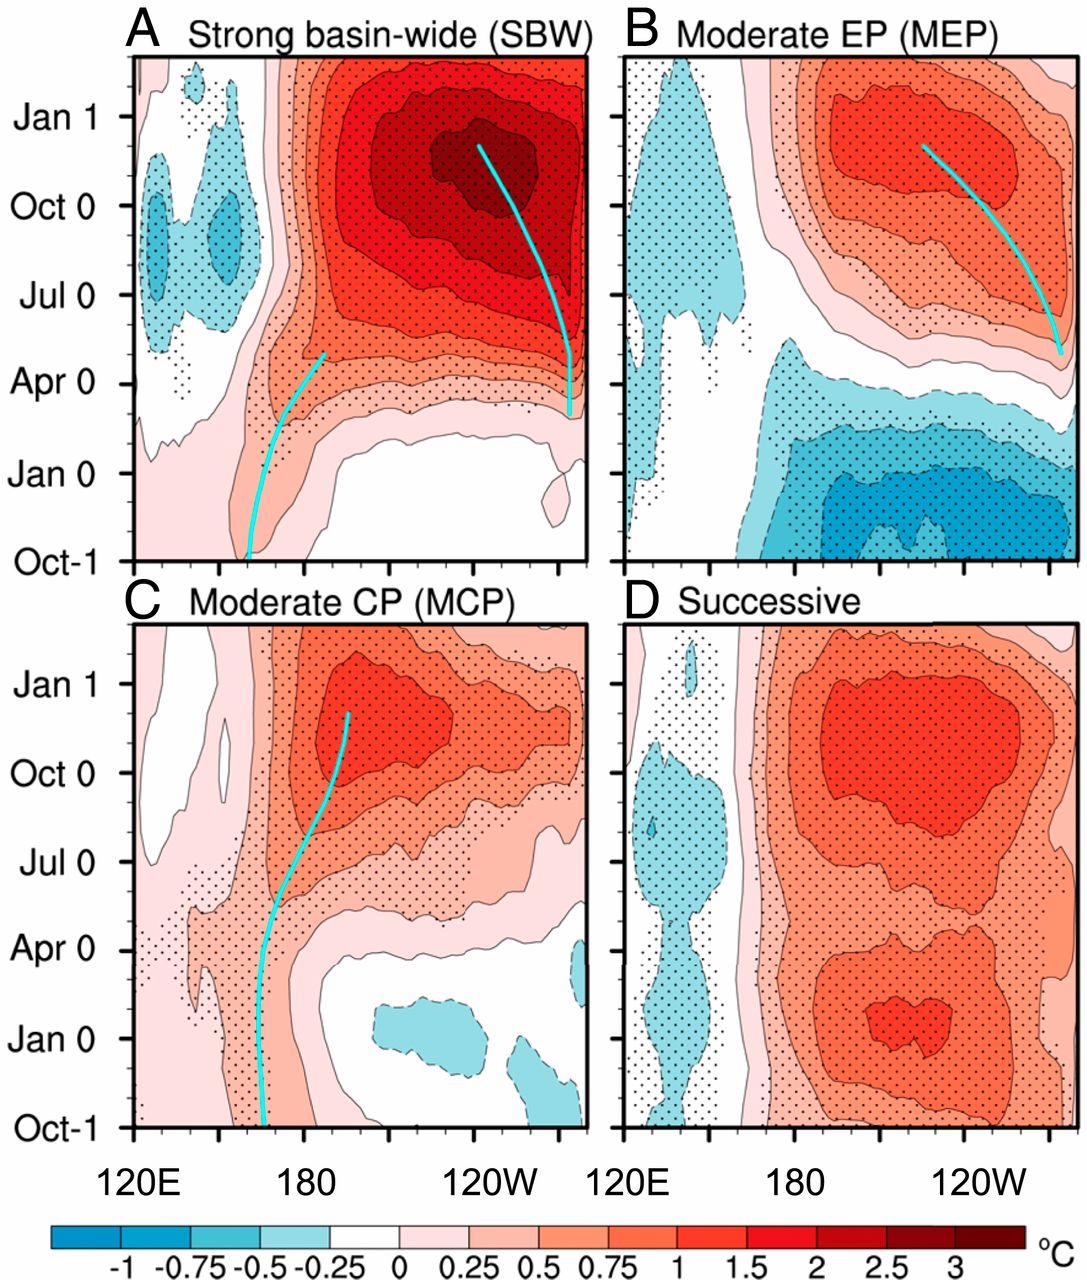 El calentamiento global provocará episodios de El Niño más intensos